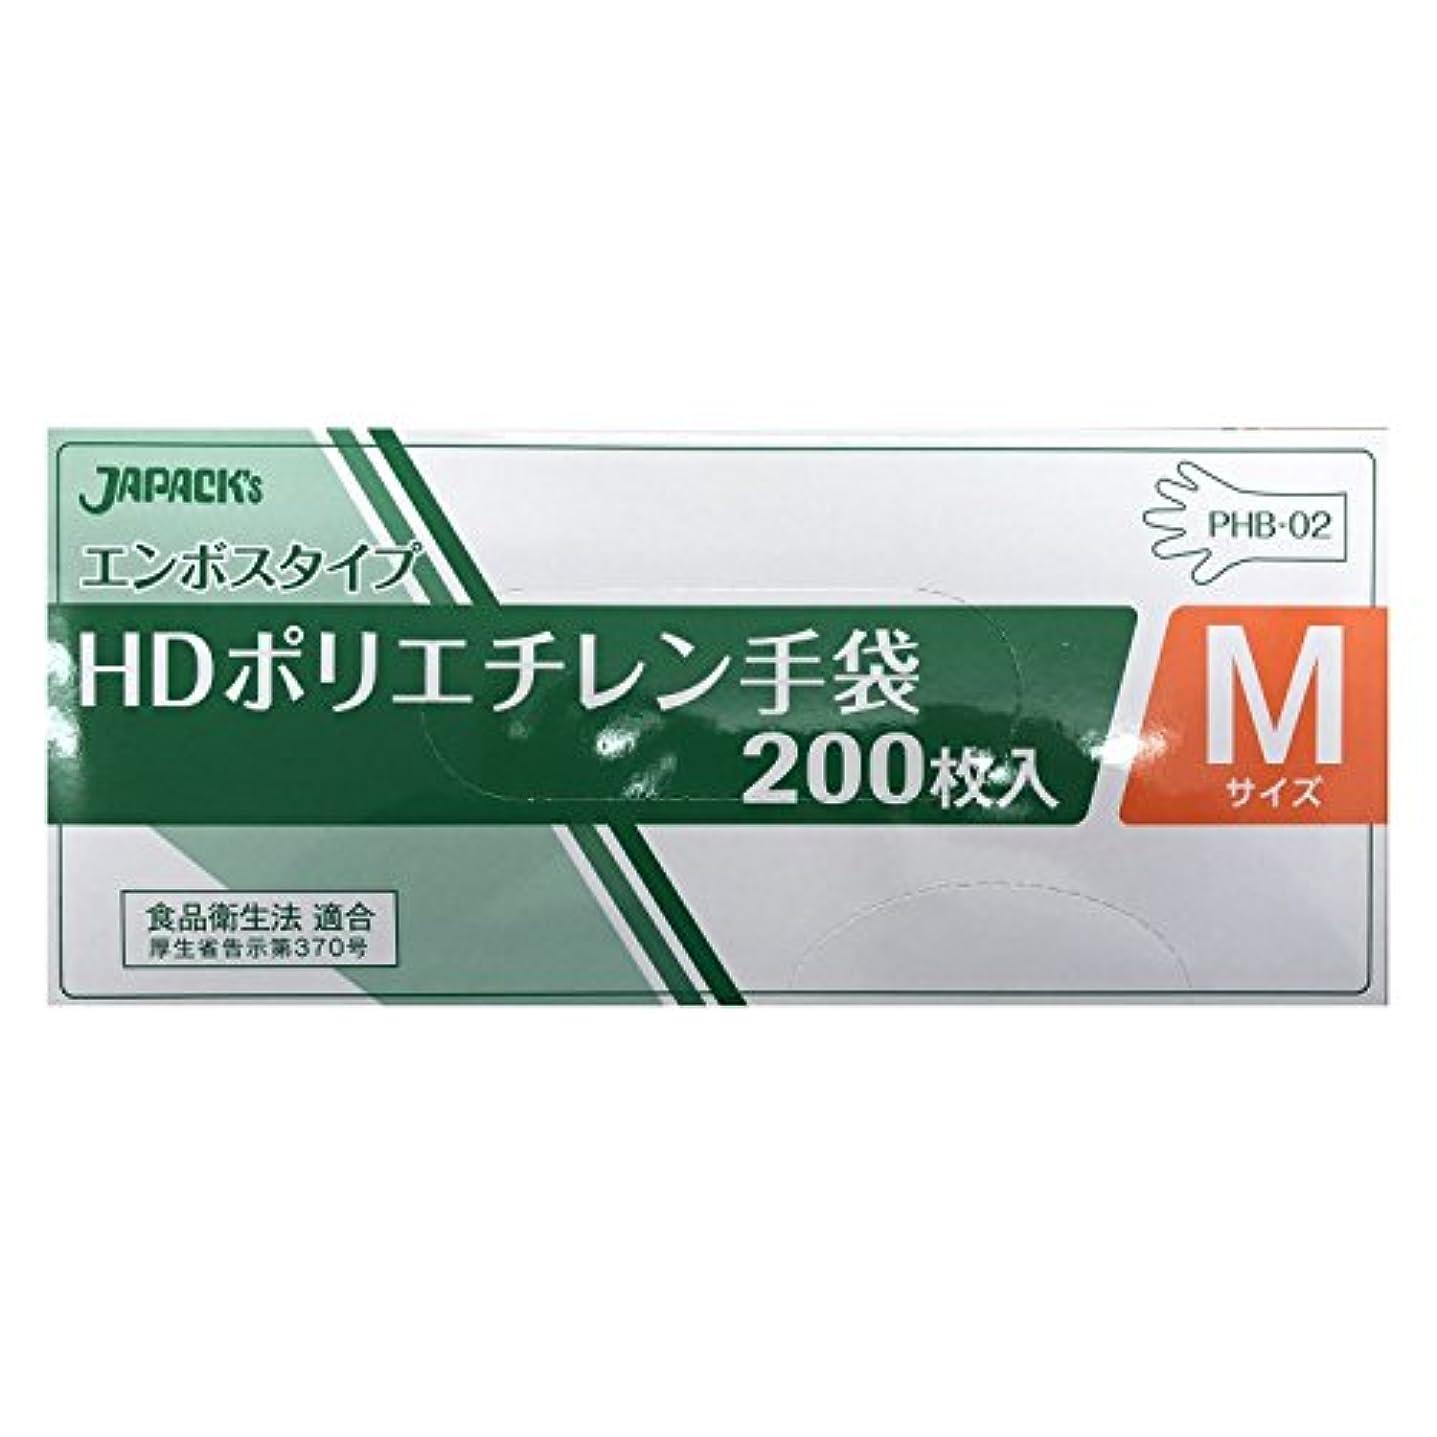 仕方感動する撤退エンボスタイプ HDポリエチレン手袋 Mサイズ BOX 200枚入 無着色 PHB-02